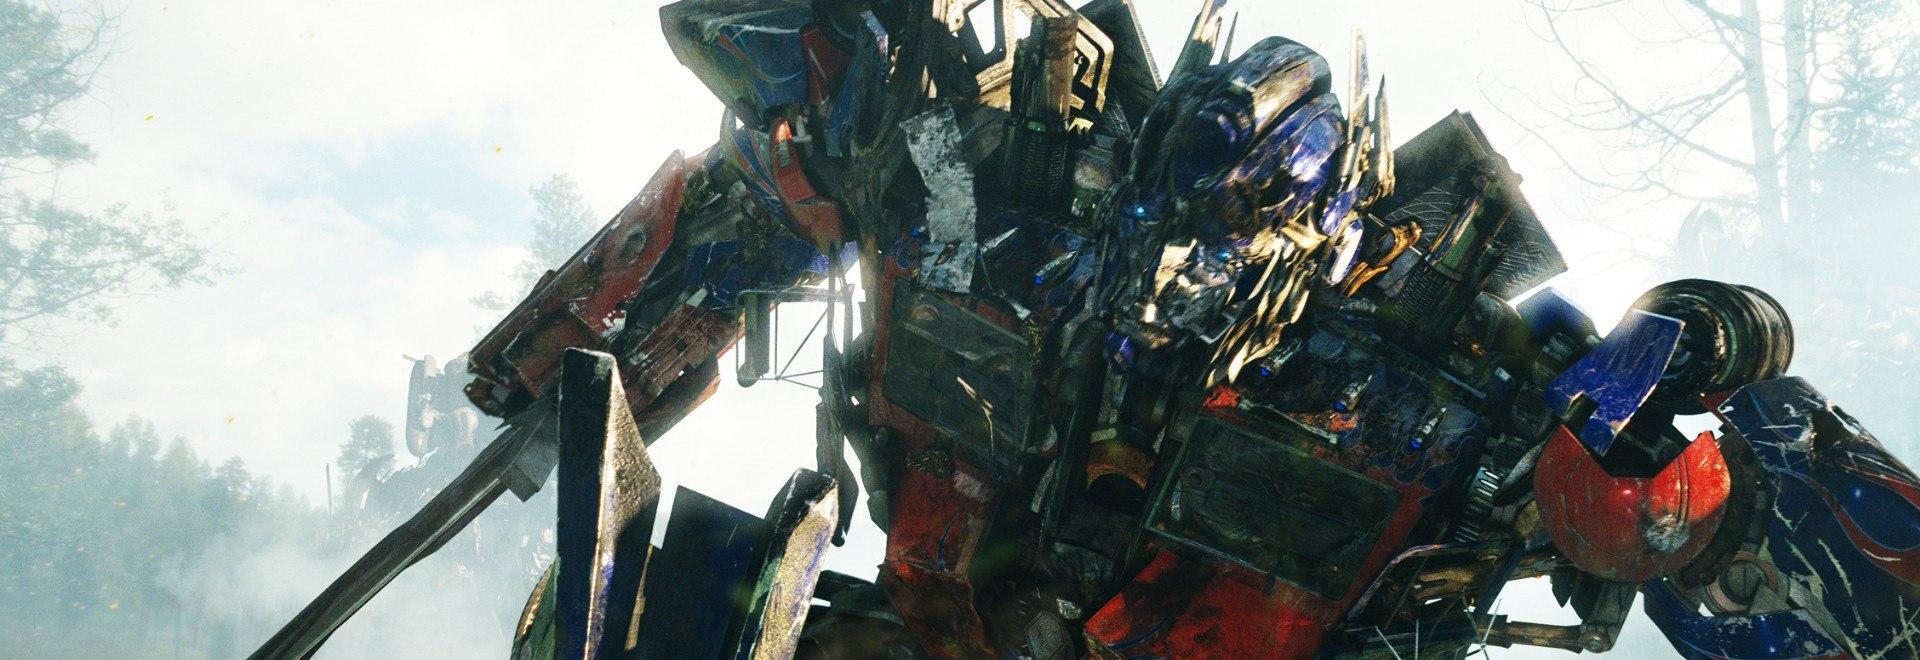 Transformers - La vendetta del caduto